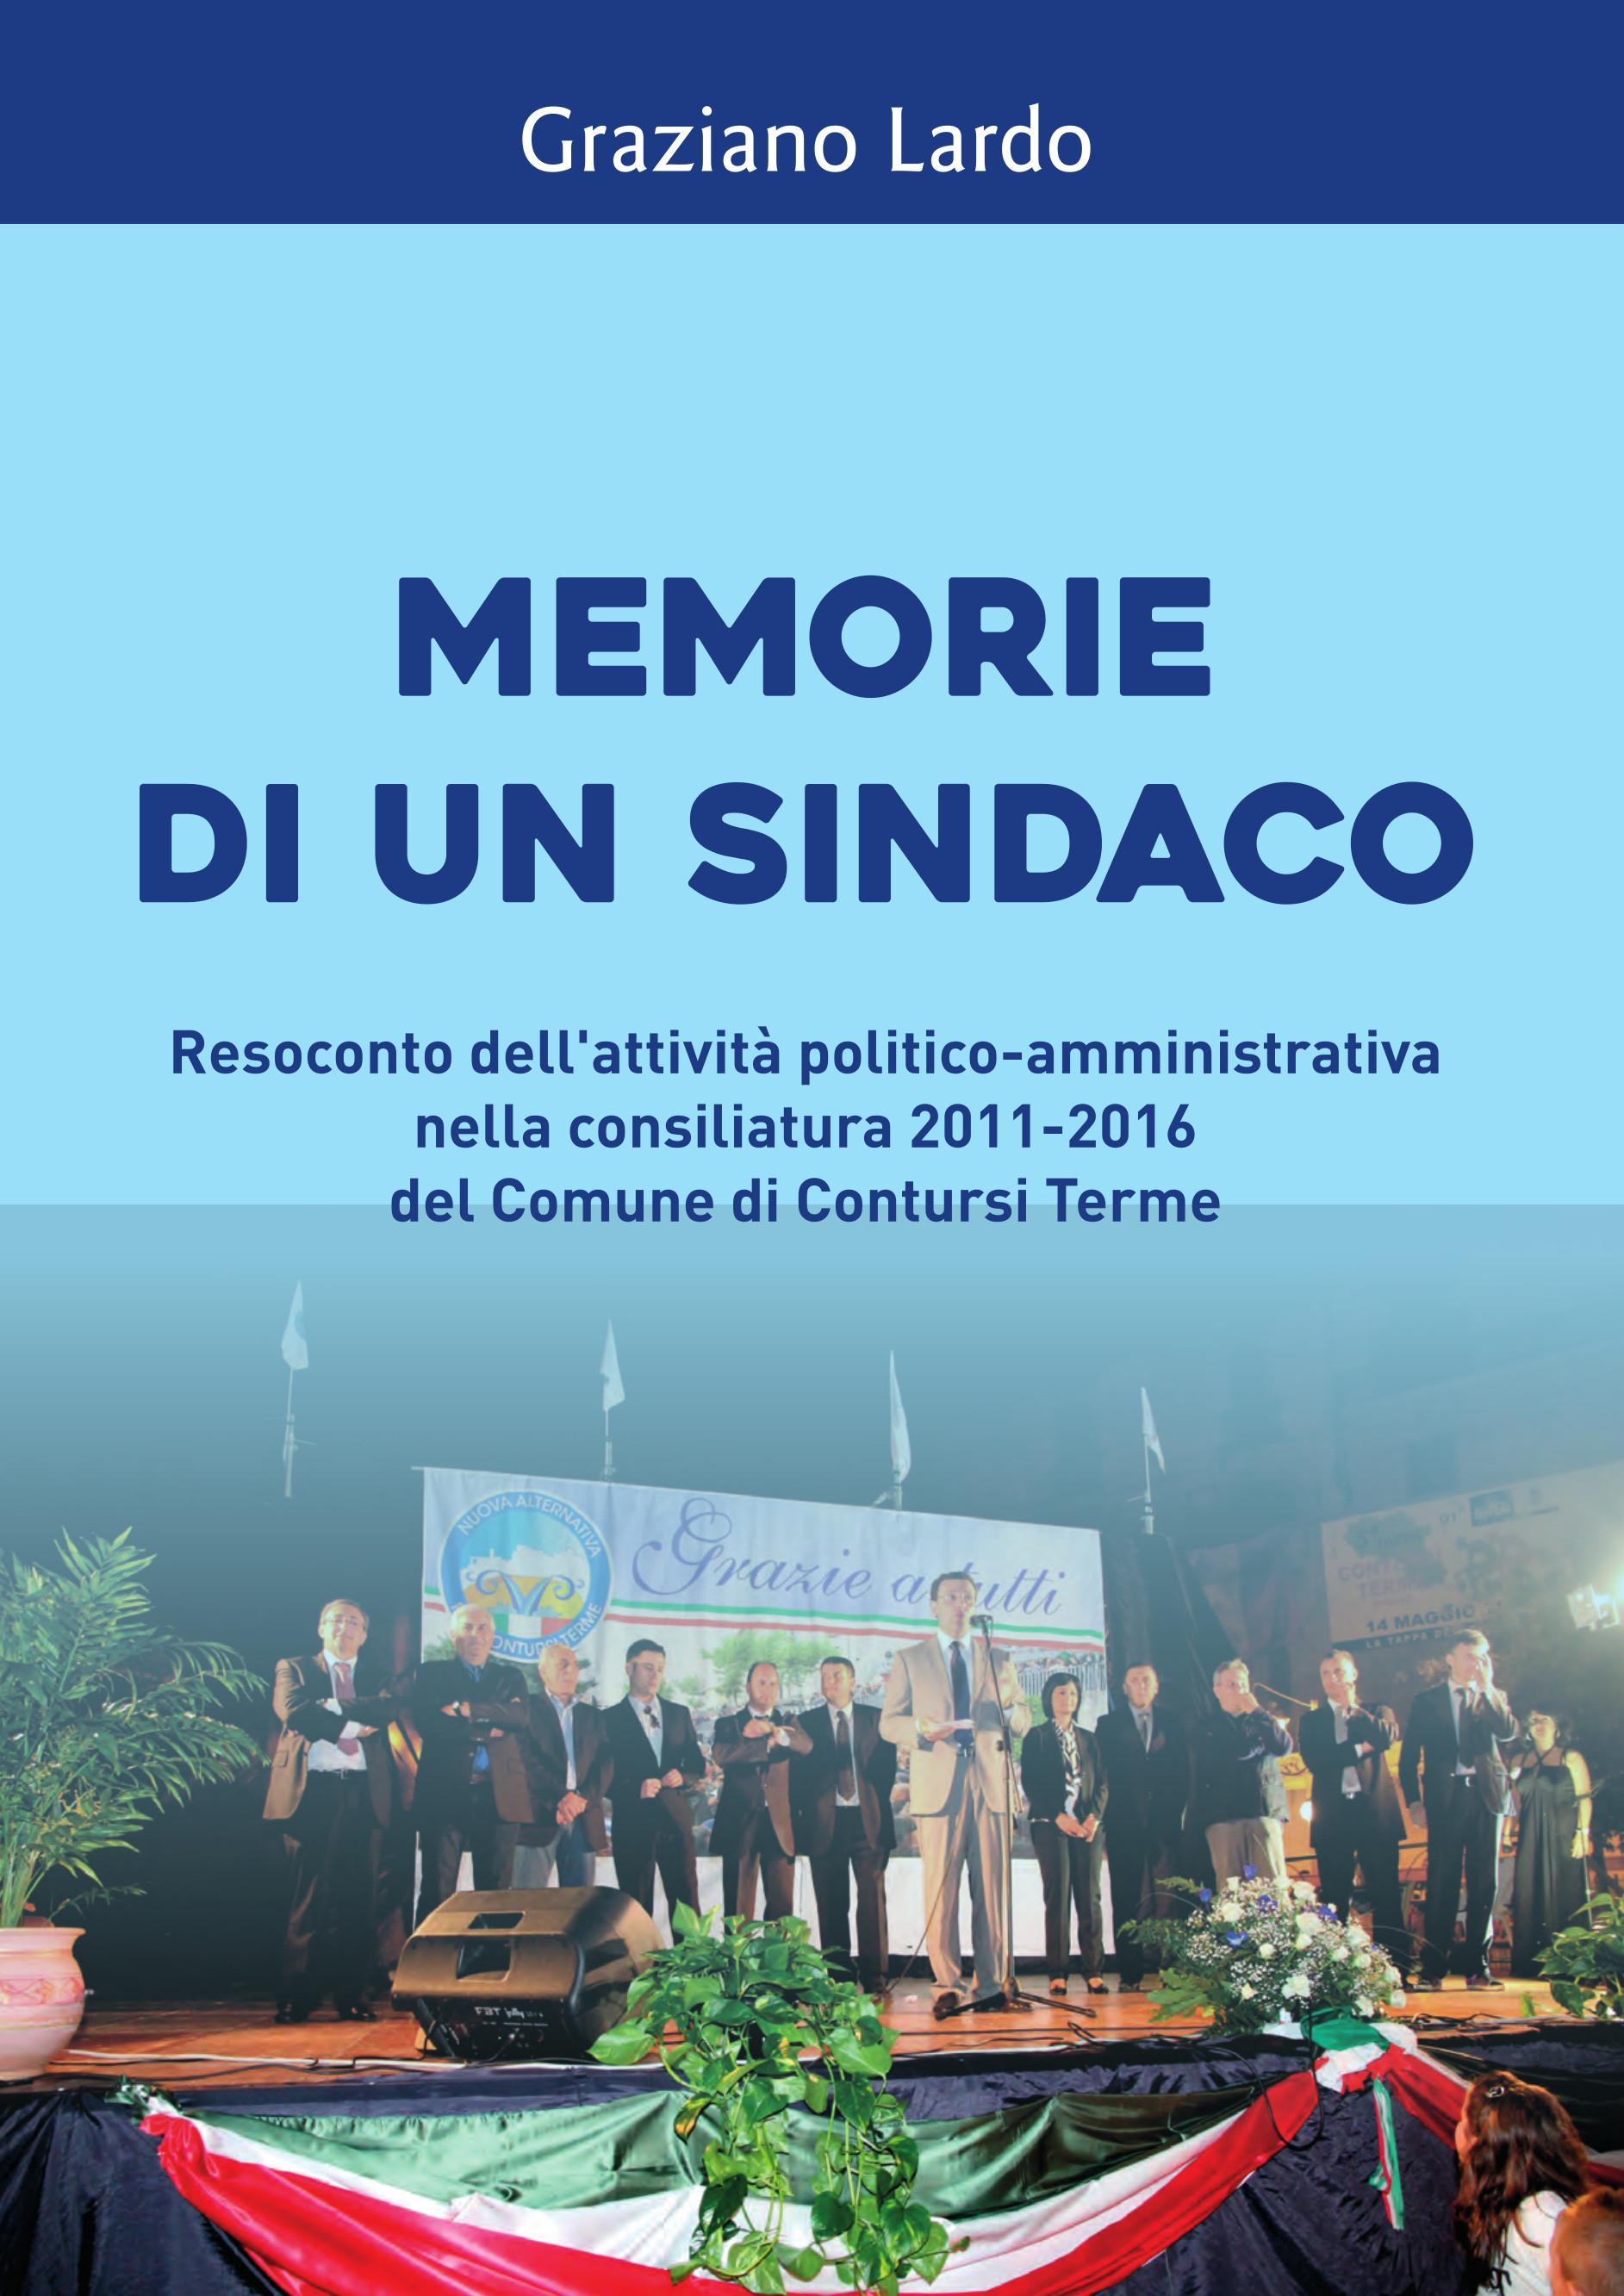 Memorie di un sindaco